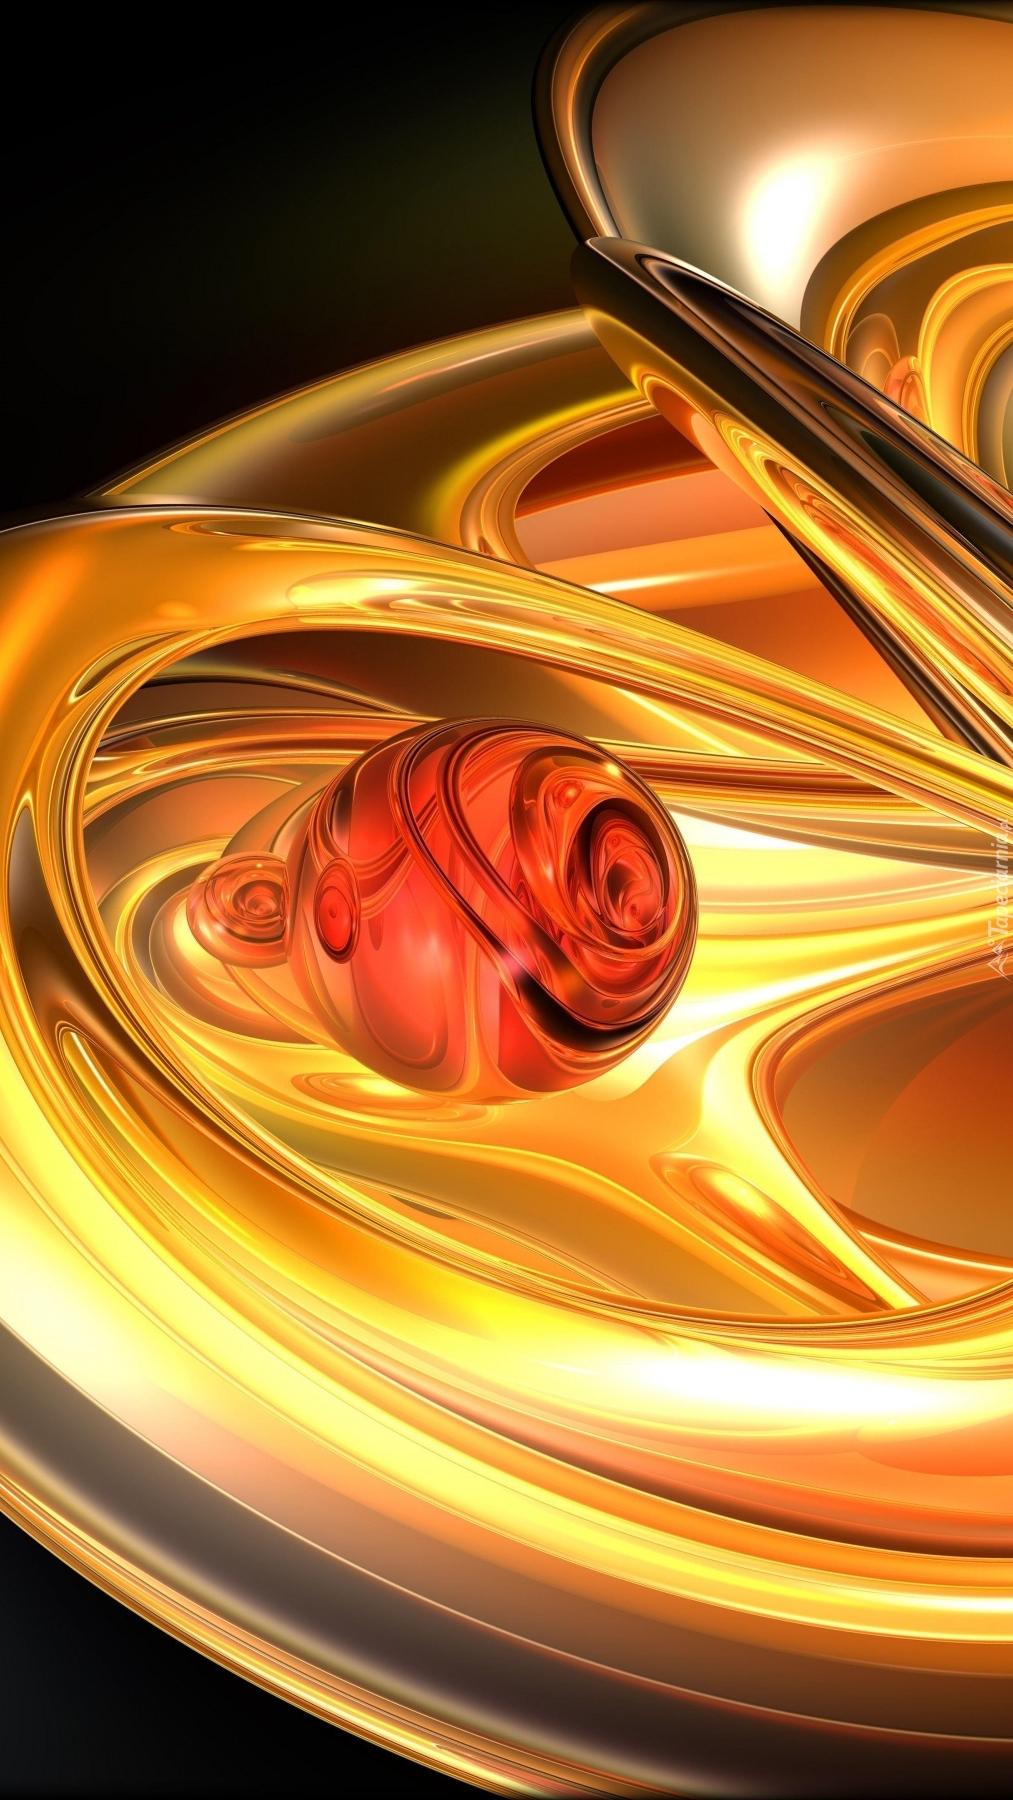 Żółto-pomarańczowa  abstrakcja